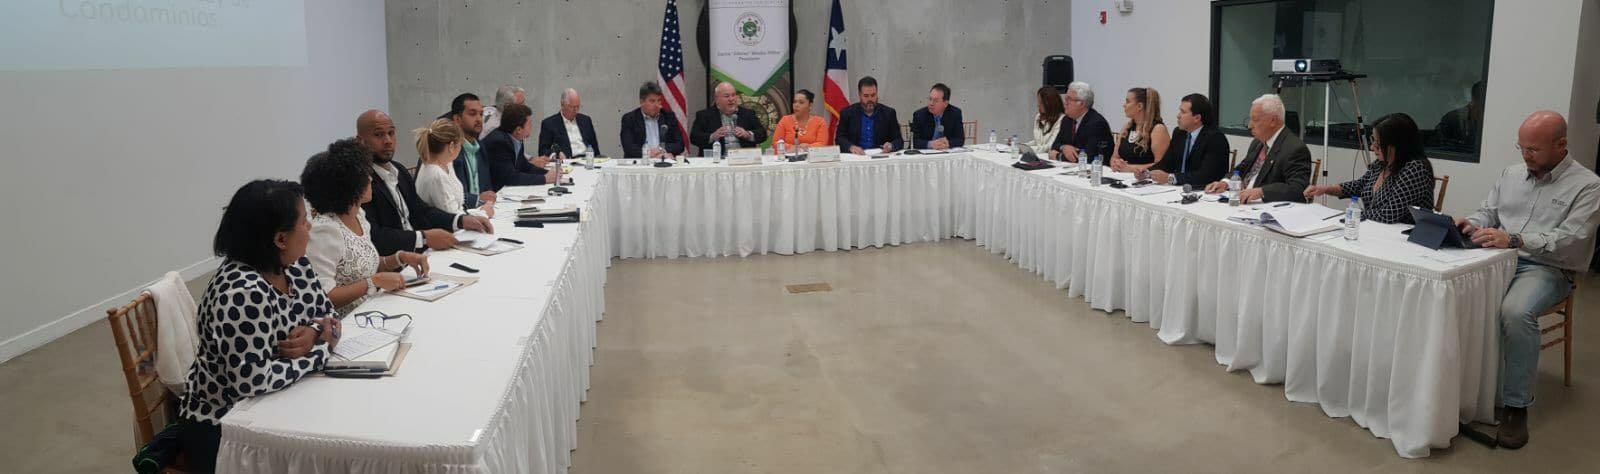 Conversatorio organizado por la Comisión de Asuntos del Consumidor, Banca y Seguros de la Cámara de Representantes